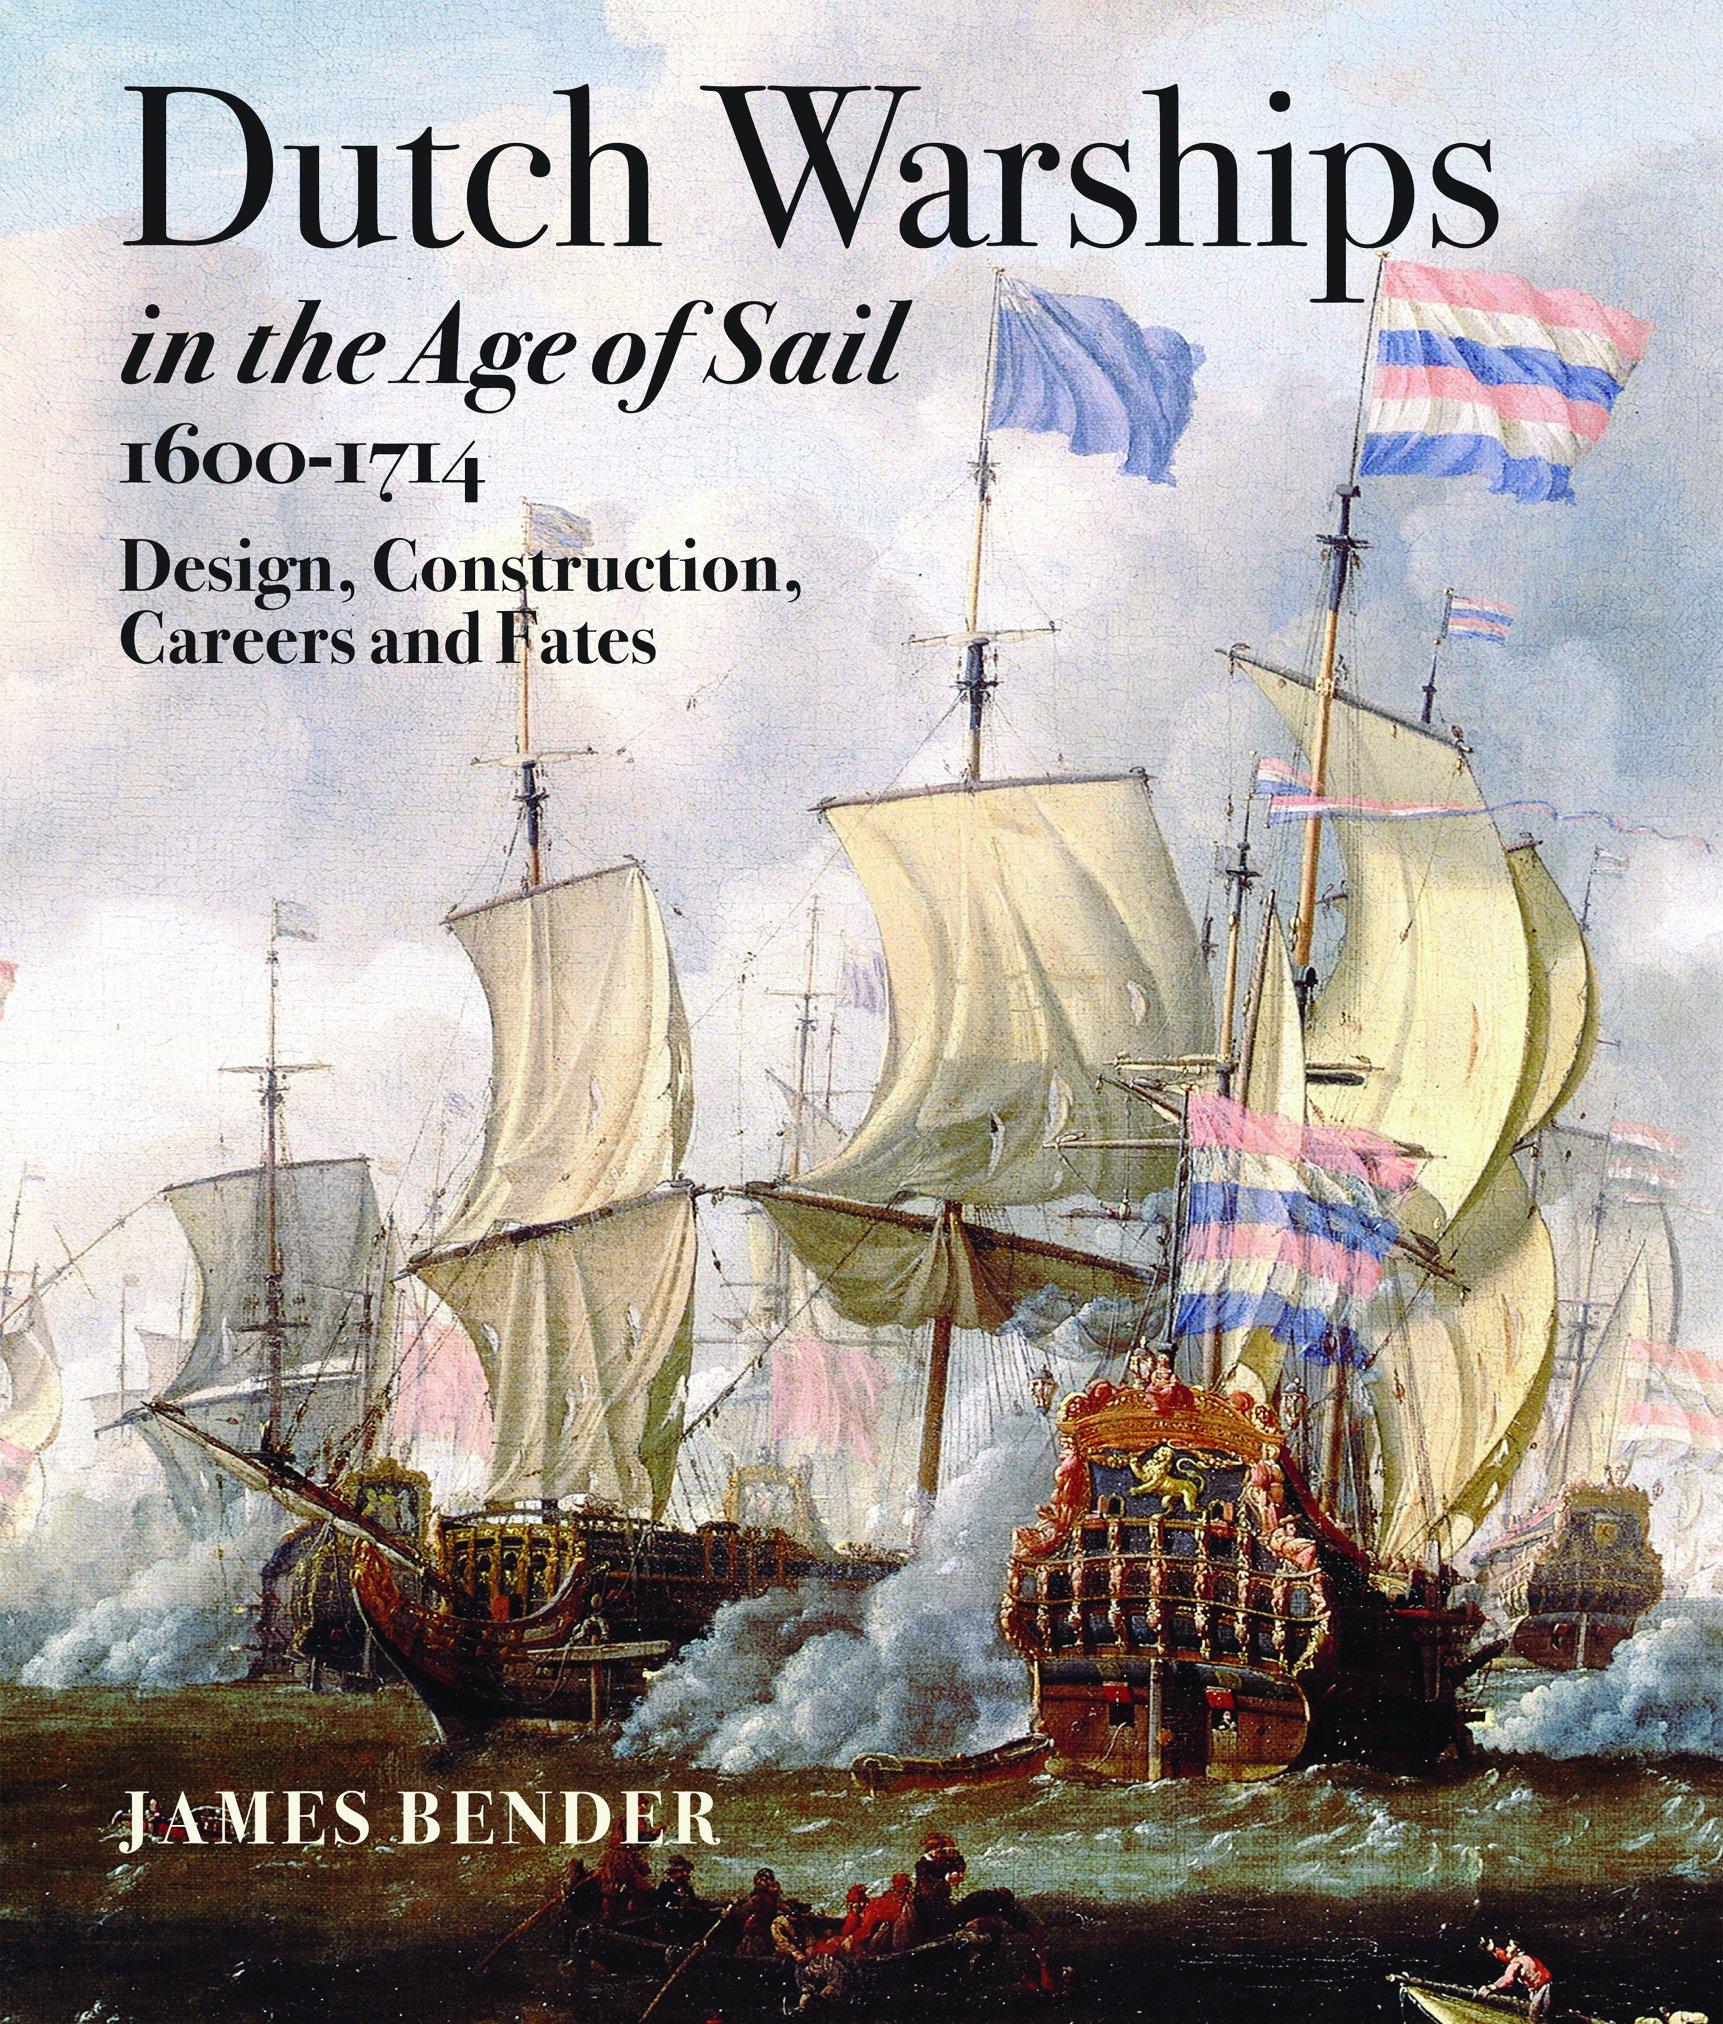 Dutch warships book